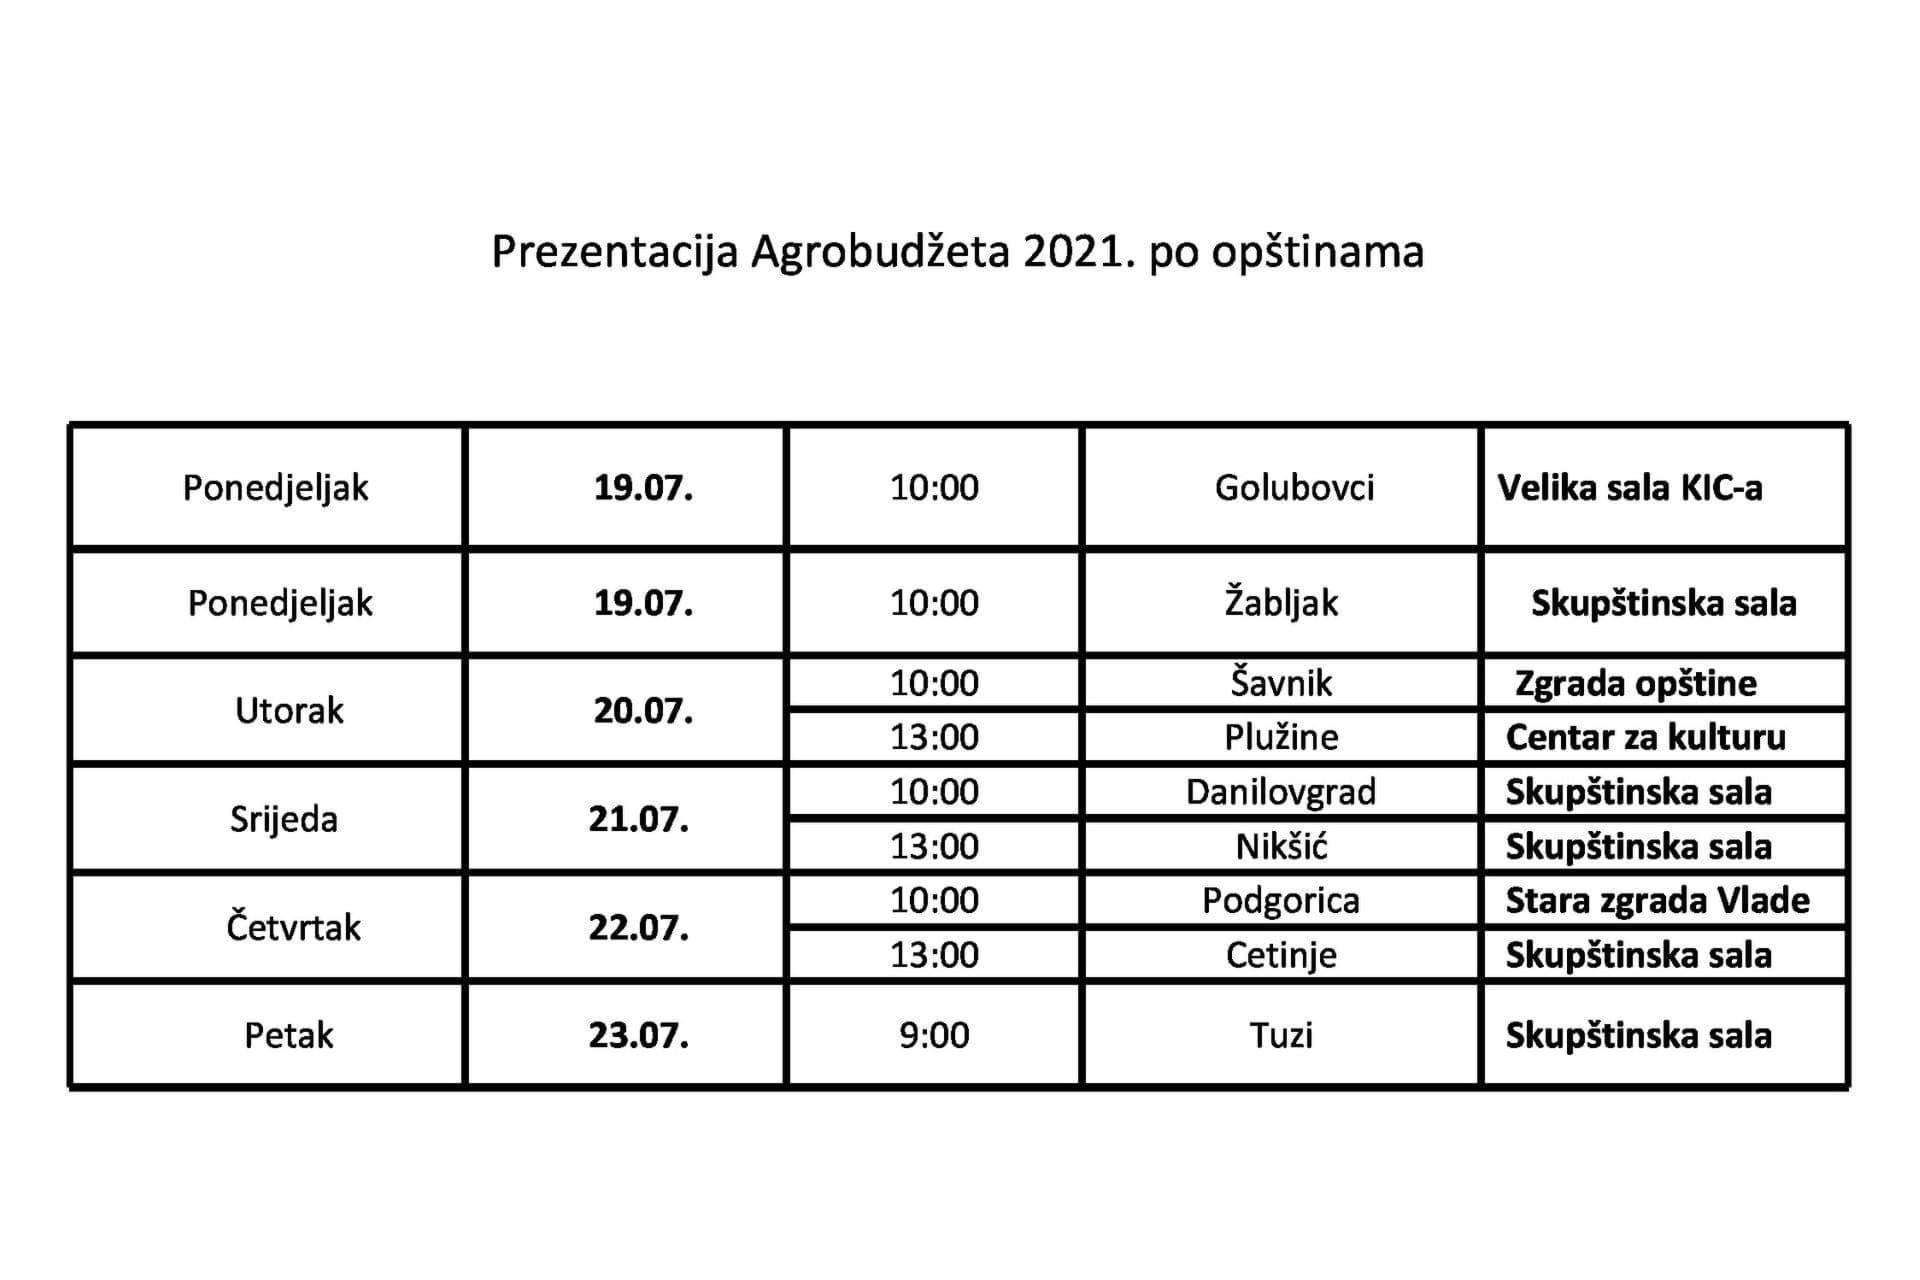 Prezentacija Agrobudžeta po opštinama